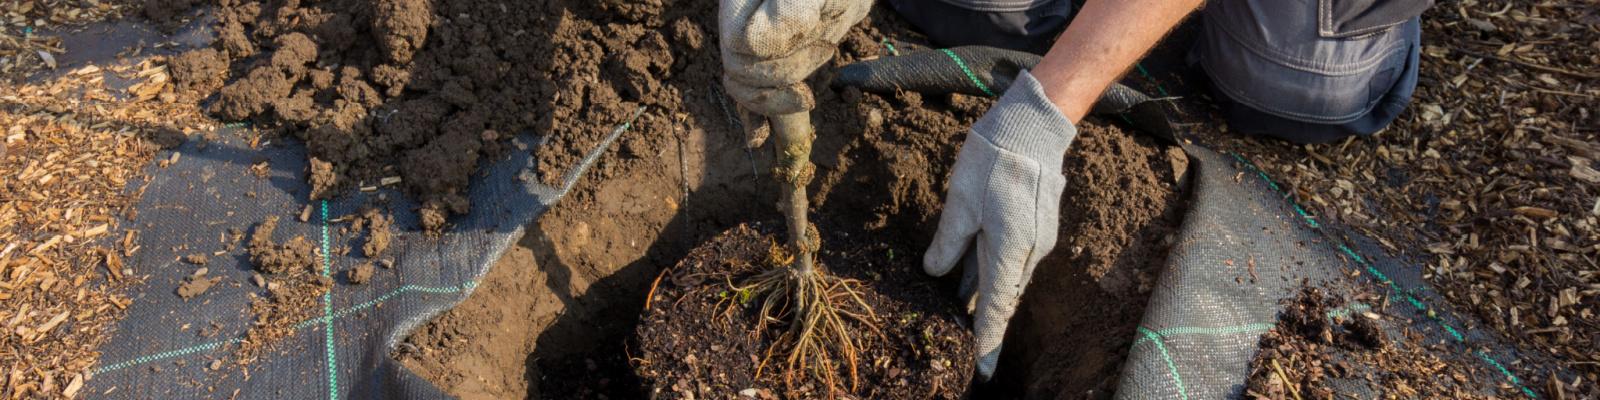 Bomen en/of struiken planten